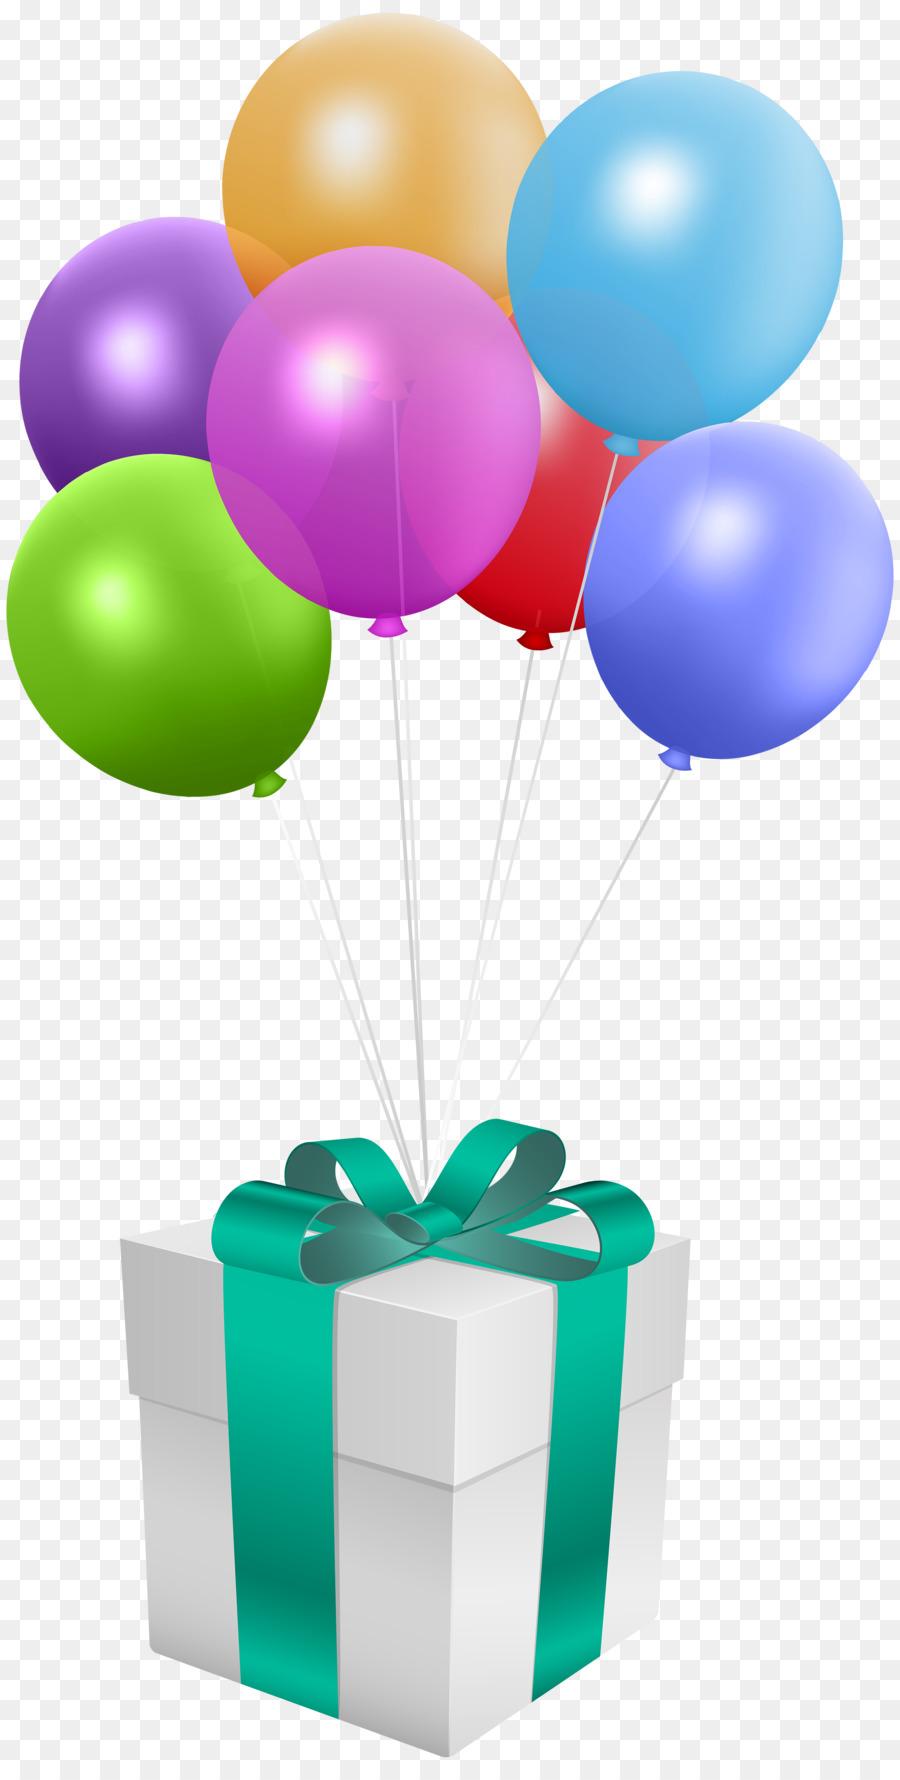 Воздушные шары и торт картинки на белом фоне